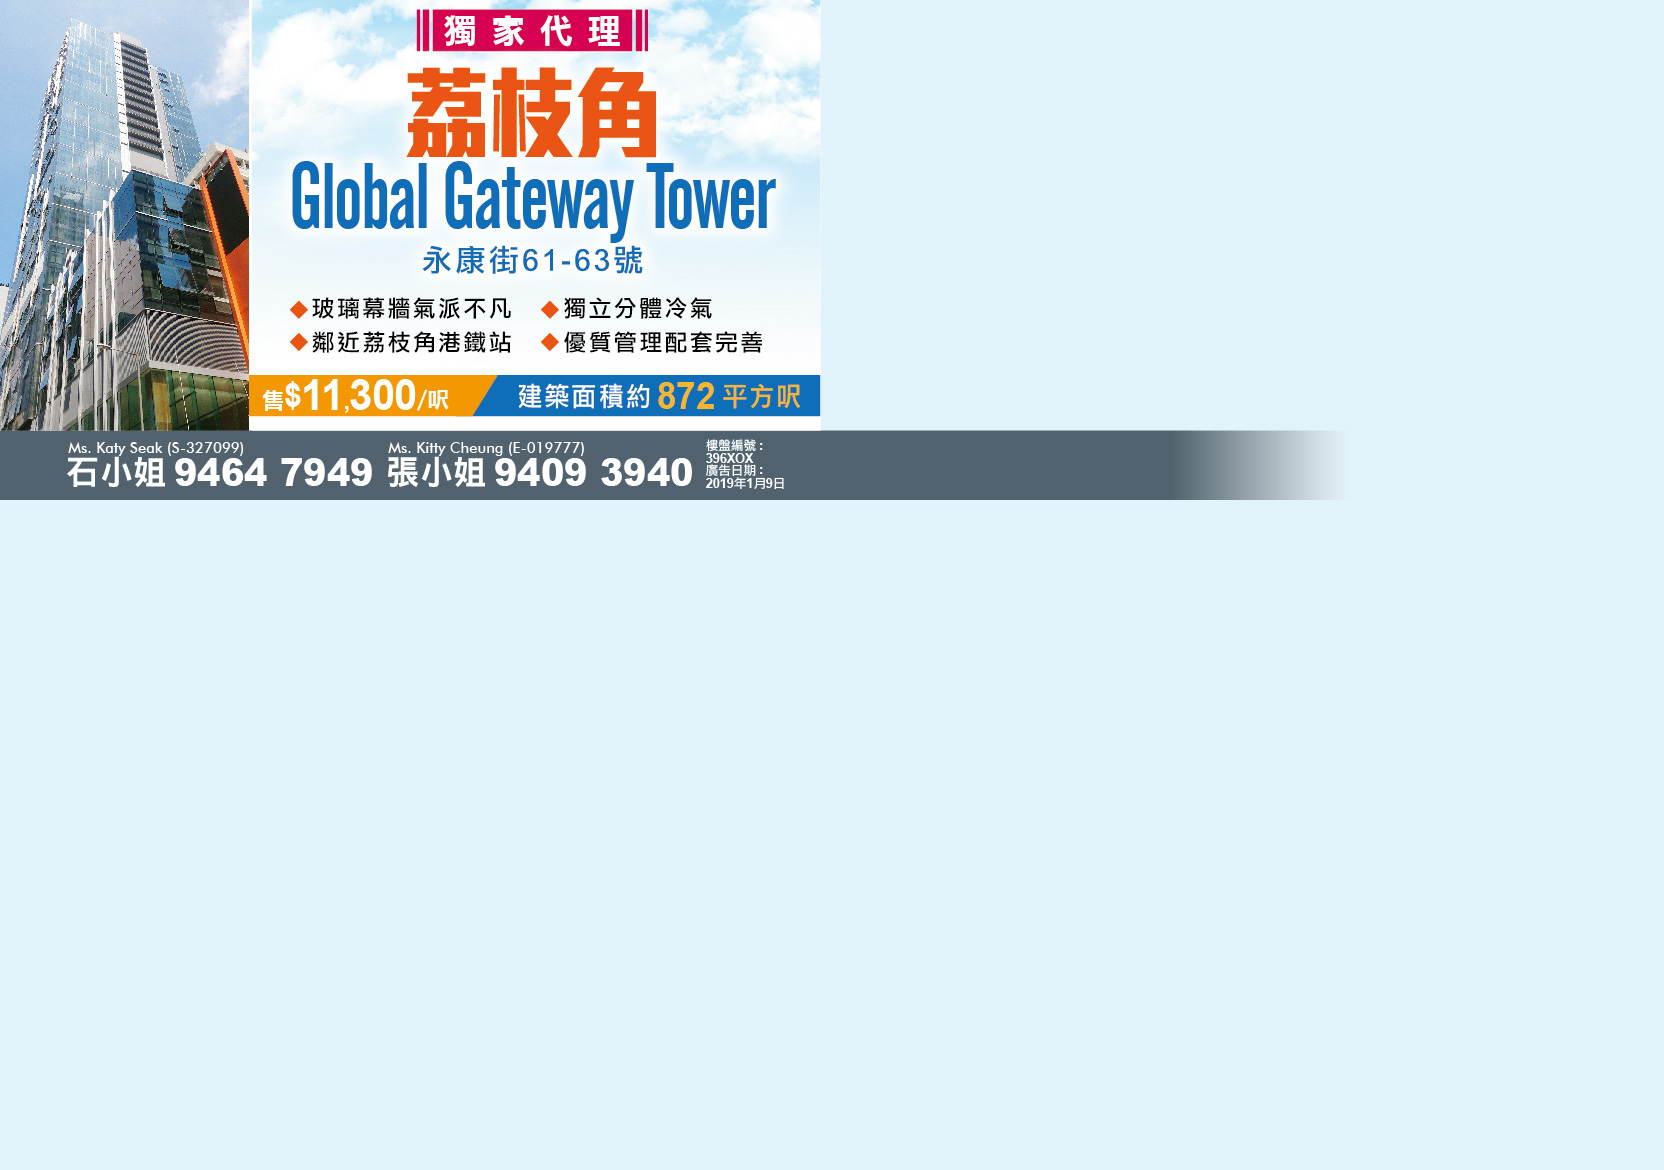 荔枝角Global Gateway Tower